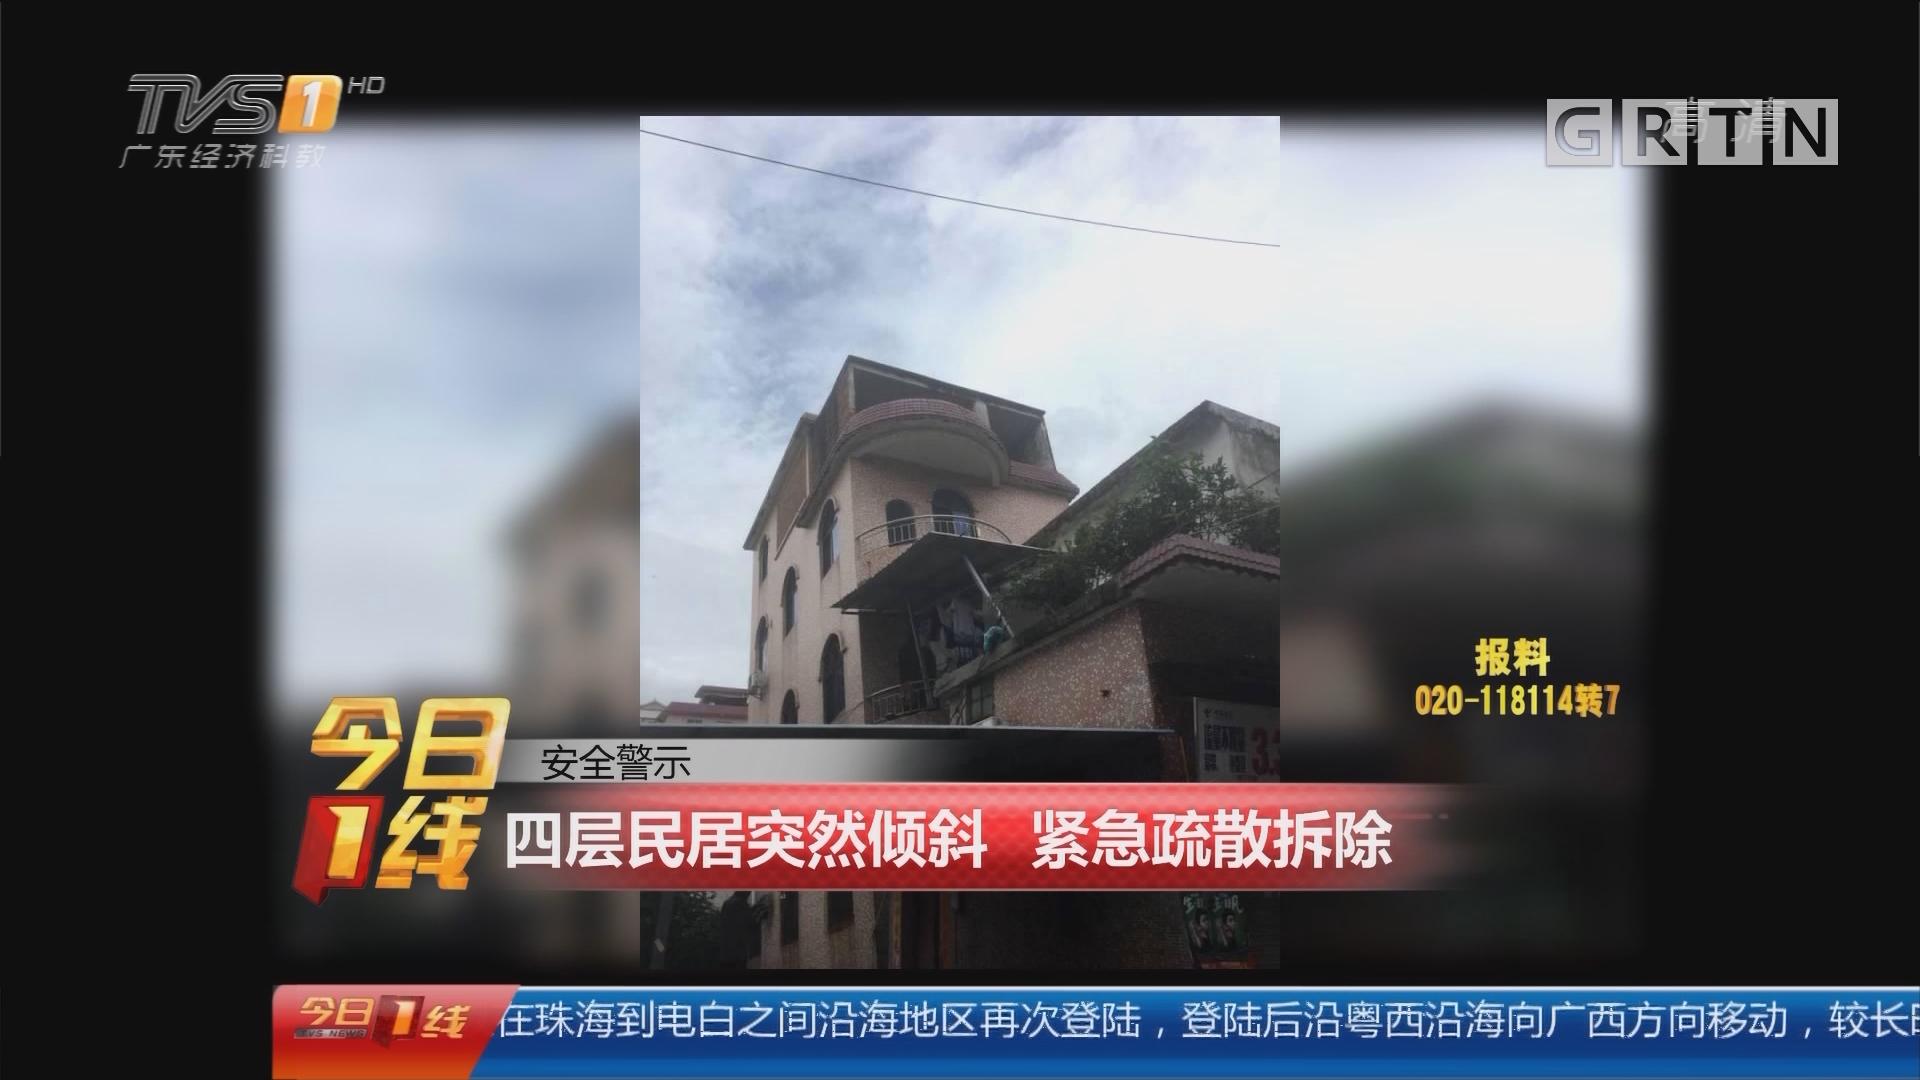 安全警示:四层民居突然倾斜 紧急疏散拆除